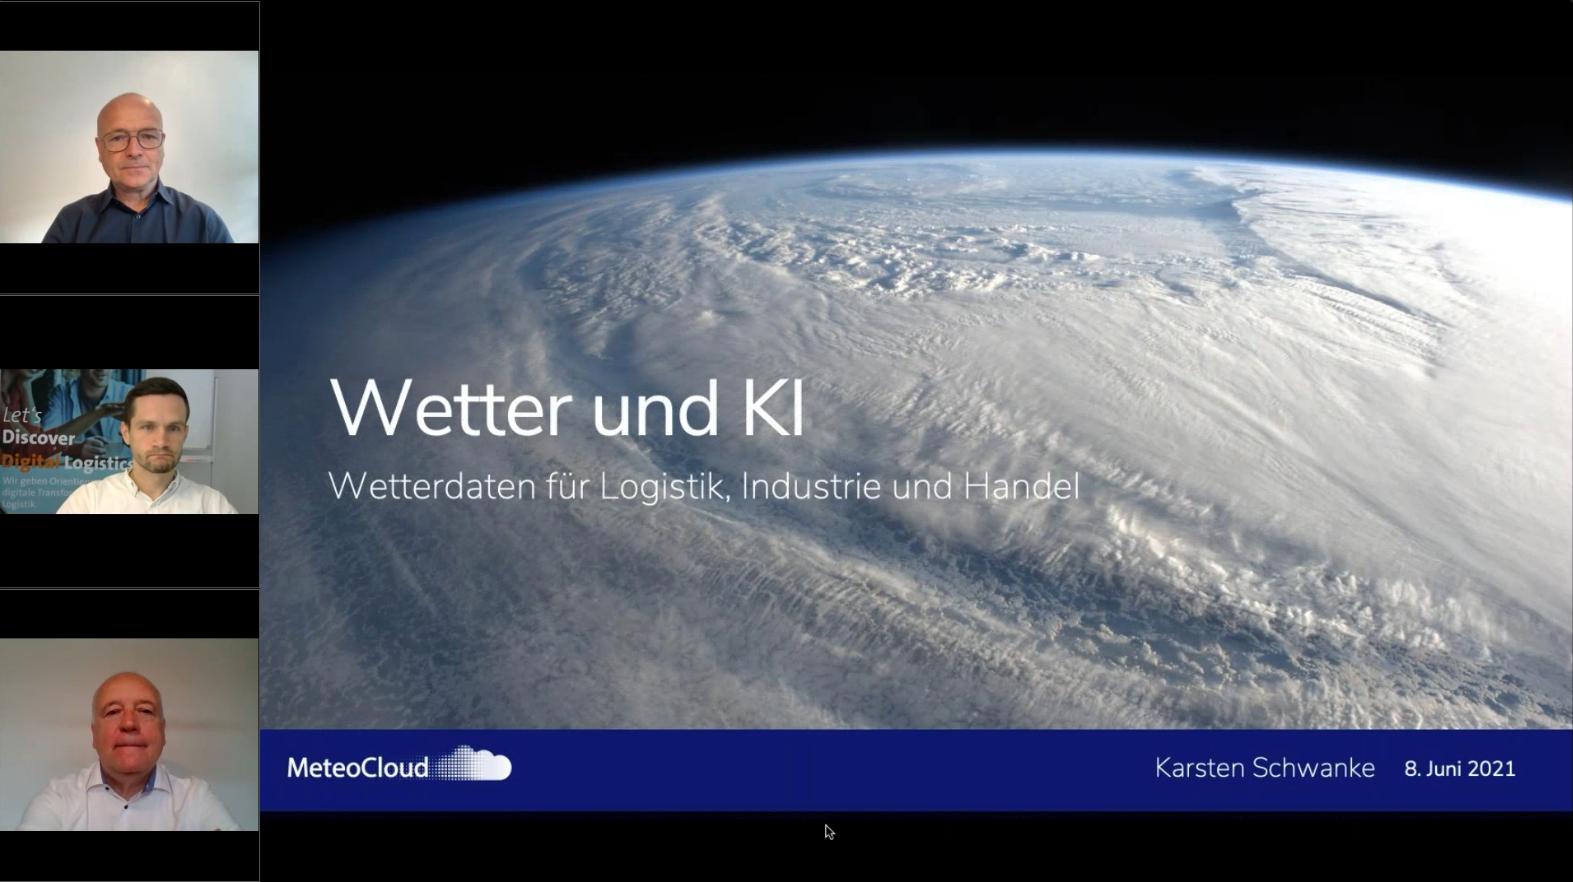 Wetterdaten für Logistik, Industrie und Handel: Mit Künstlicher Intelligenz zu optimalen Vorhersage-Modellen